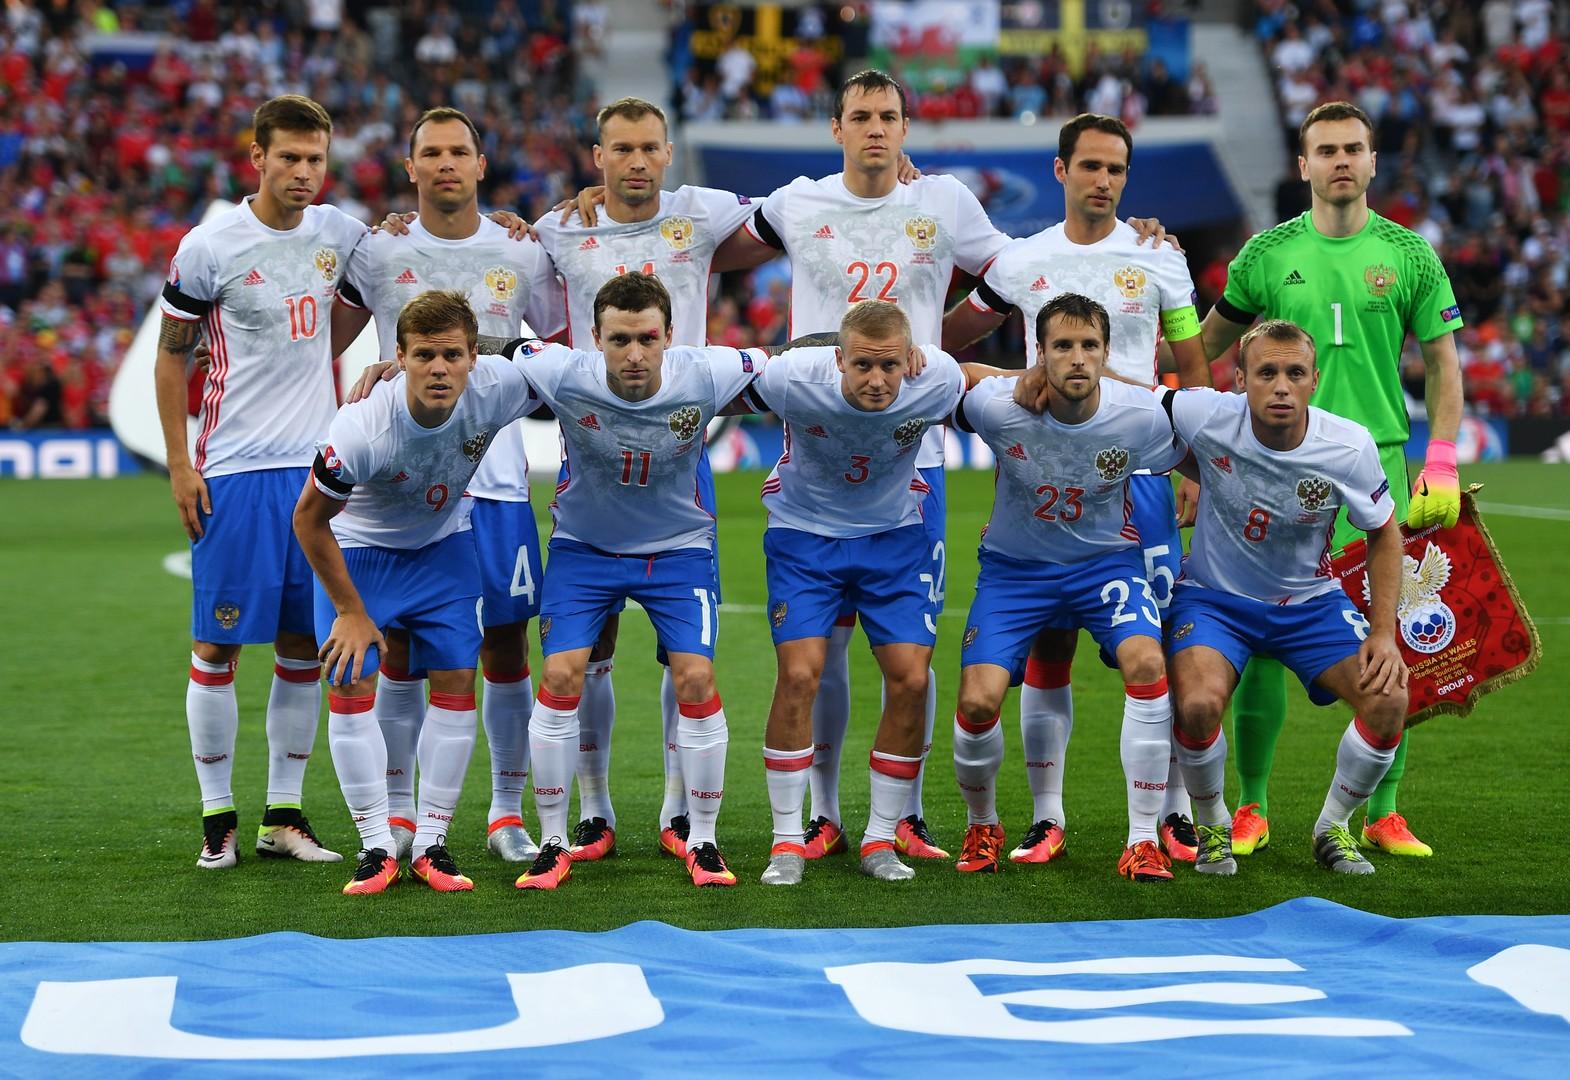 300 тыс. против: петиция о расформировании сборной РФ по футболу набирает подписи